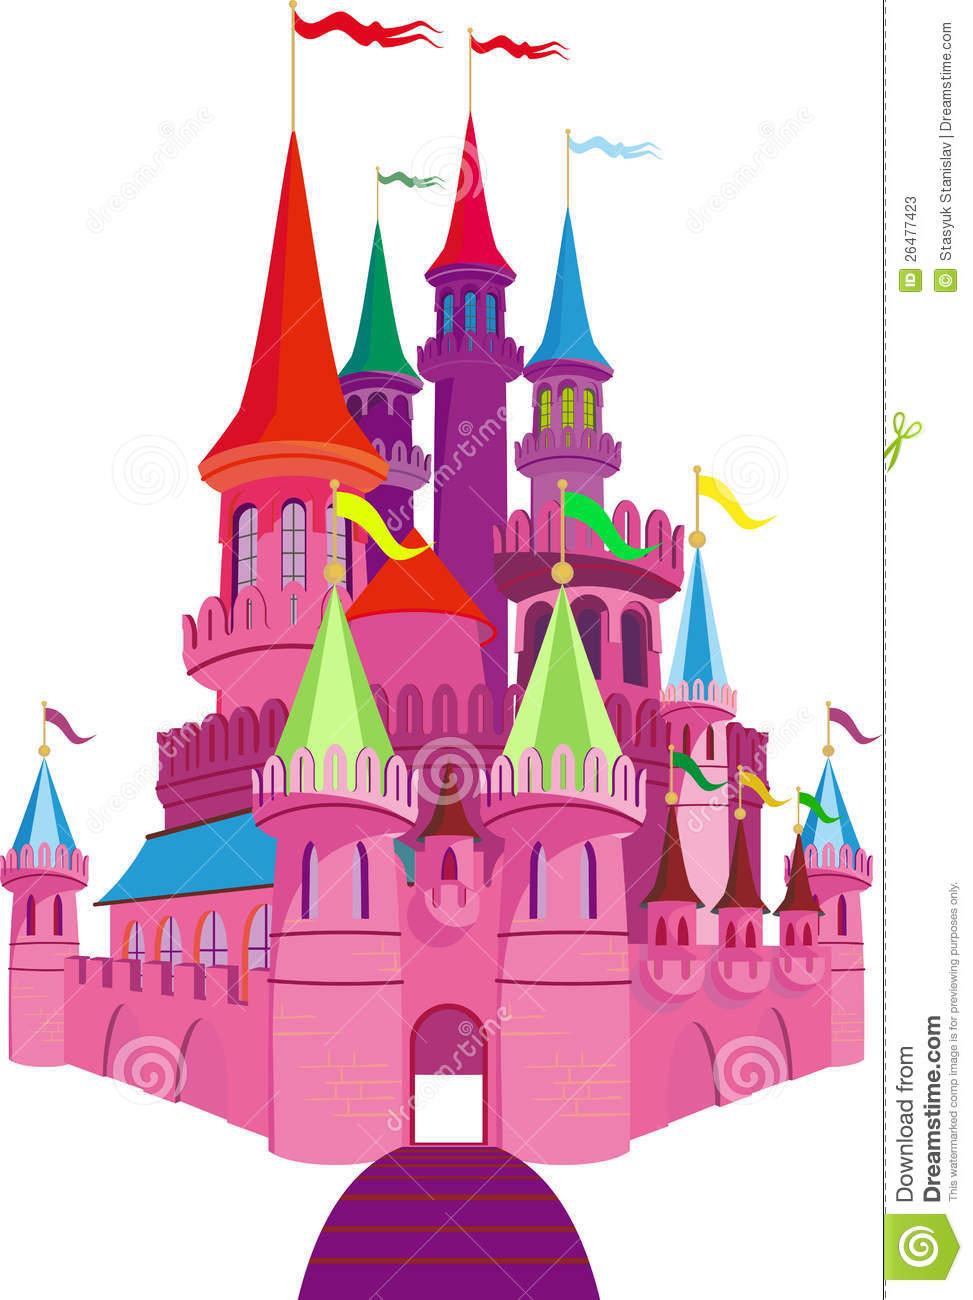 Panda free images princesscastleclipart. Castle clipart fairytale castle